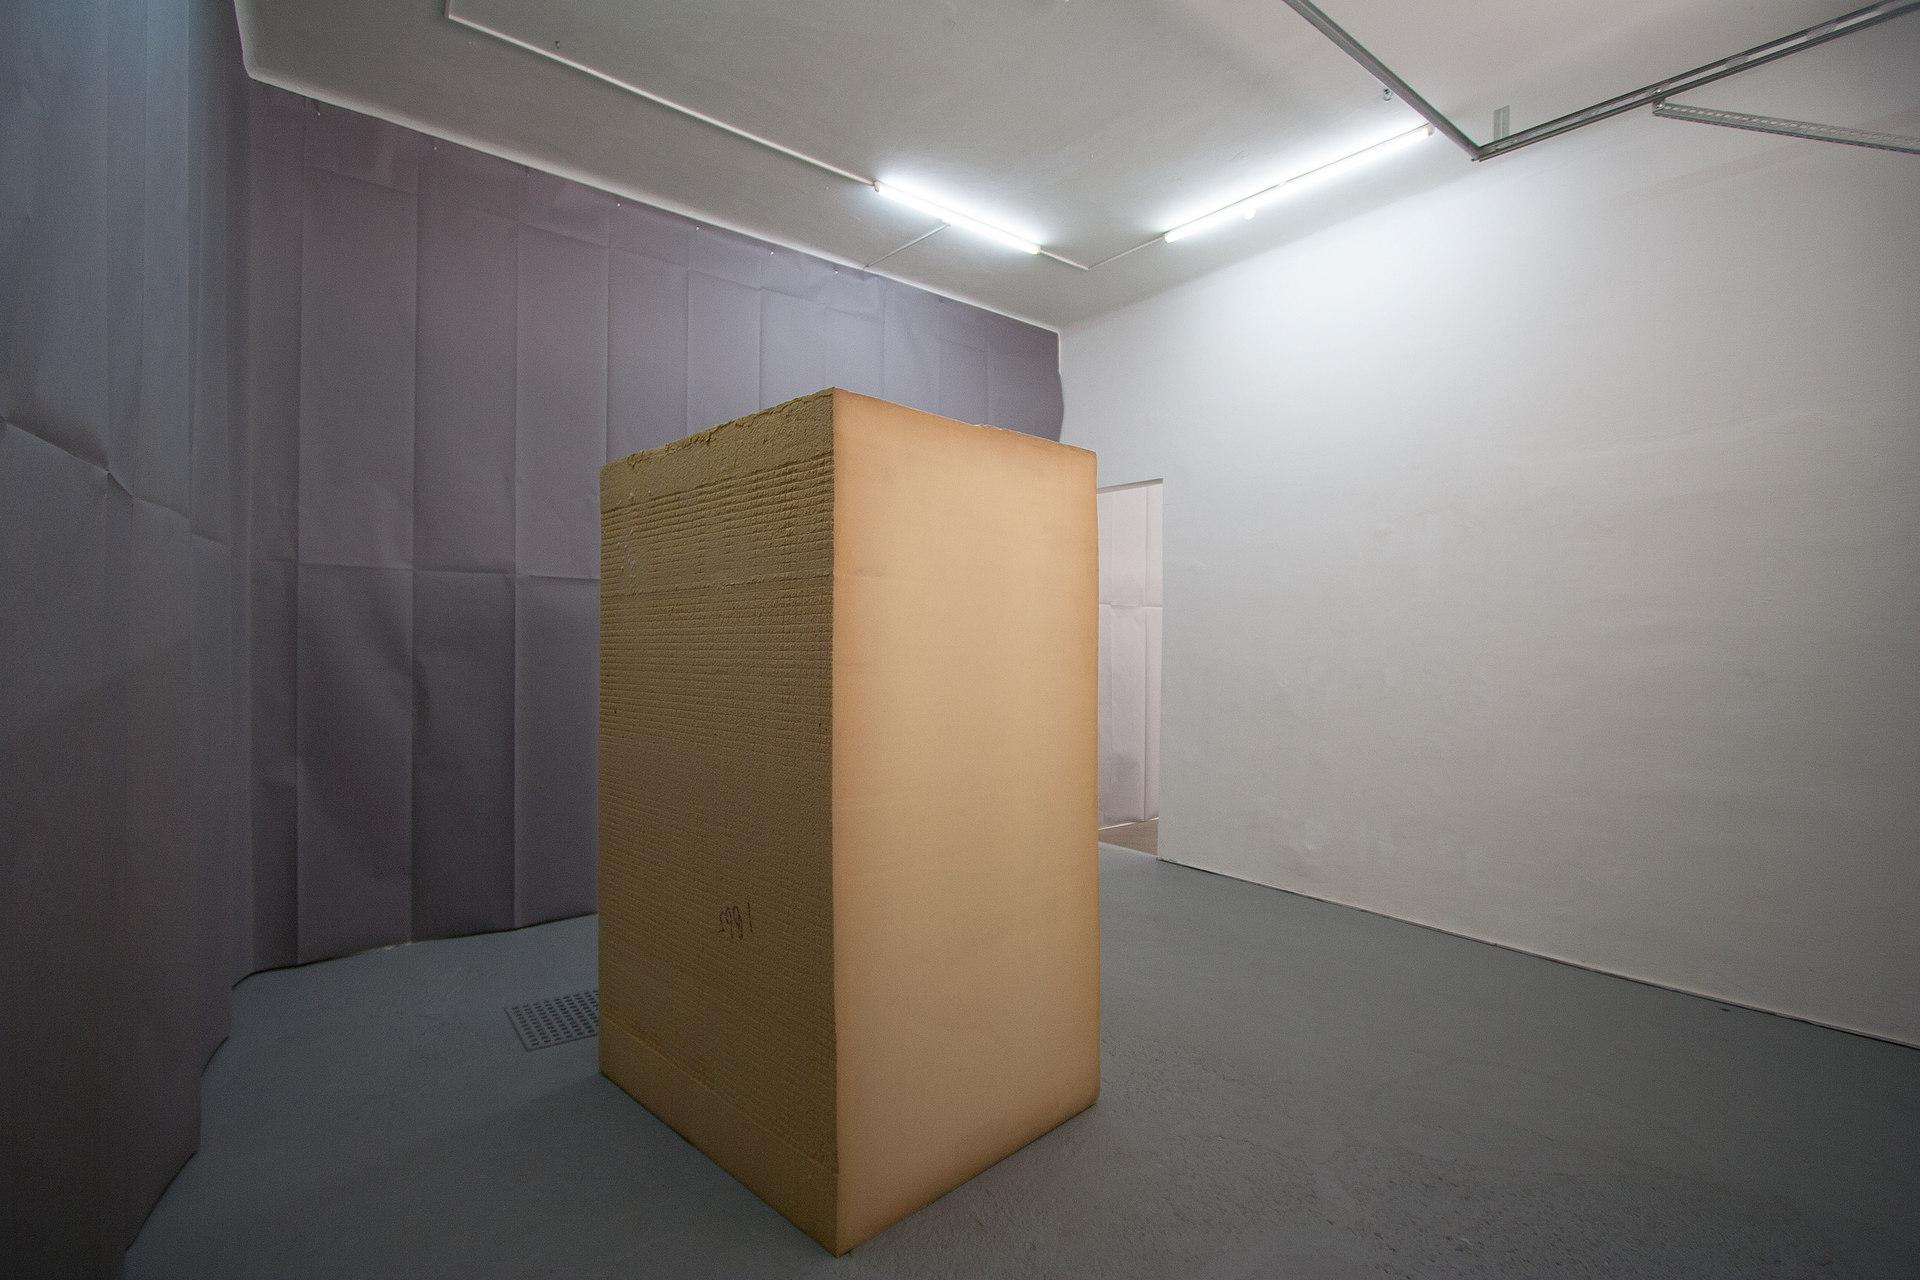 #9-Gerber_McArthur_Nutt_-final-installation-view